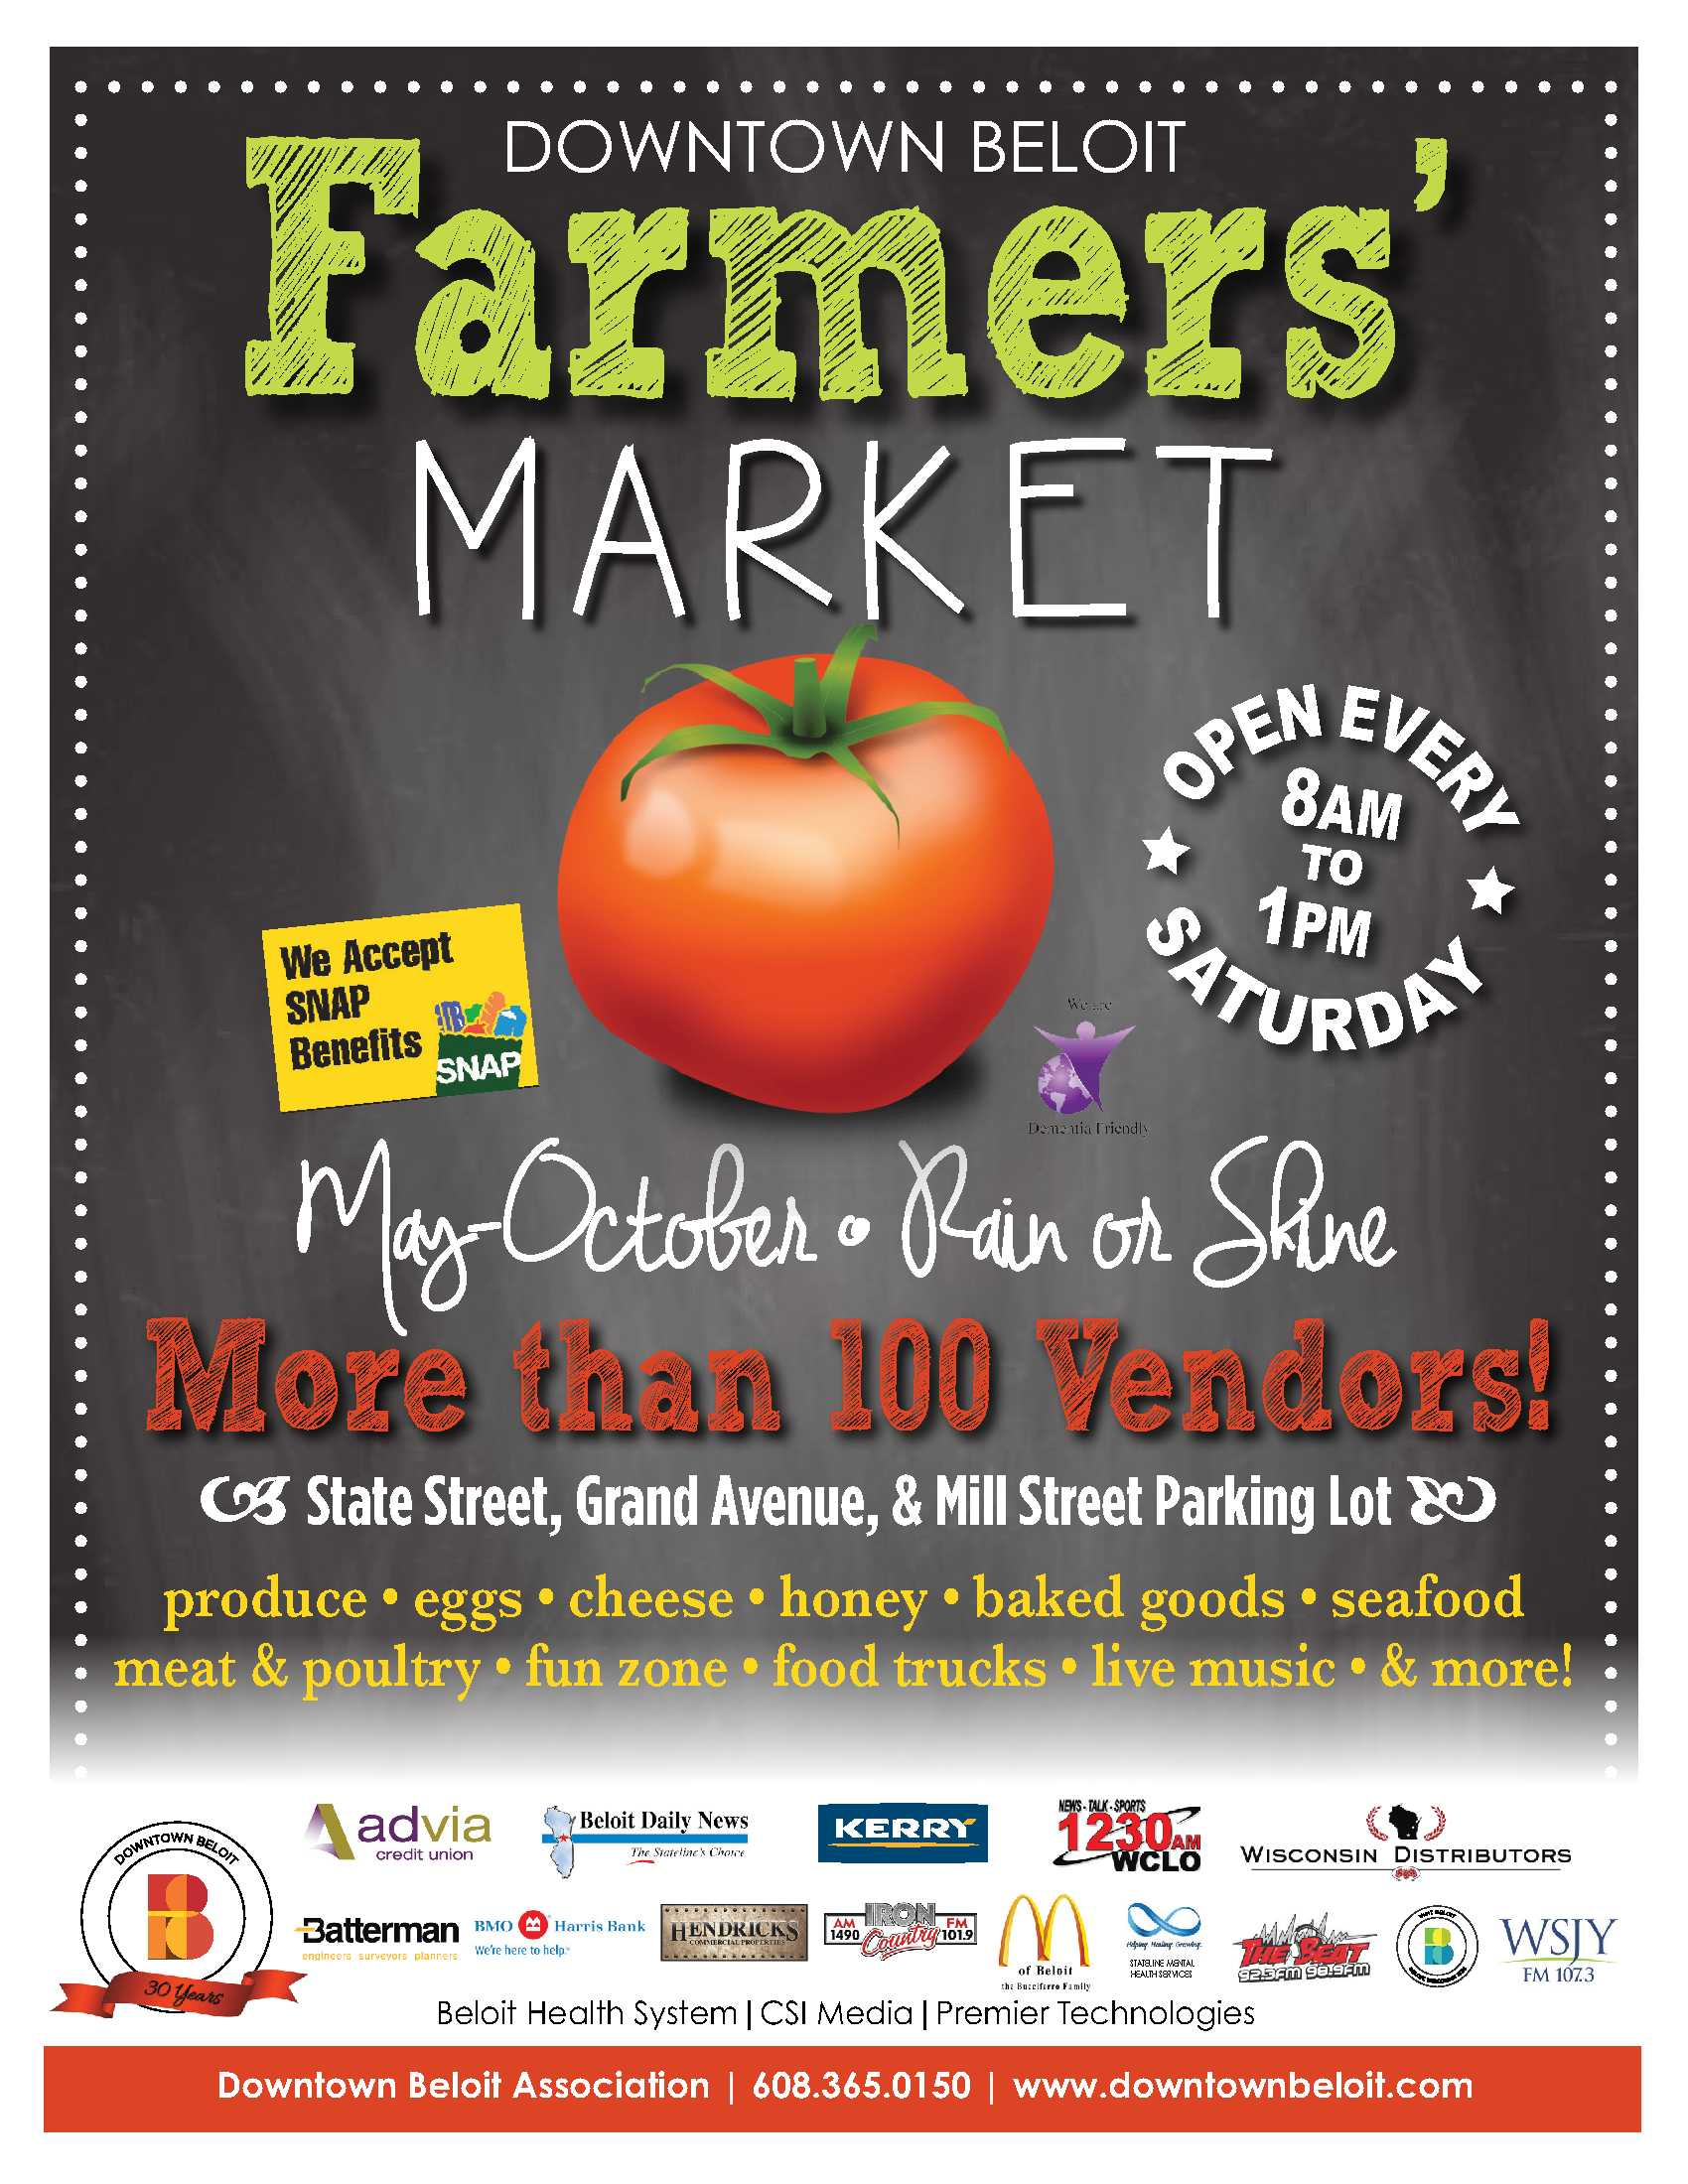 Farmers Market Flyer - Downtown Beloit Association